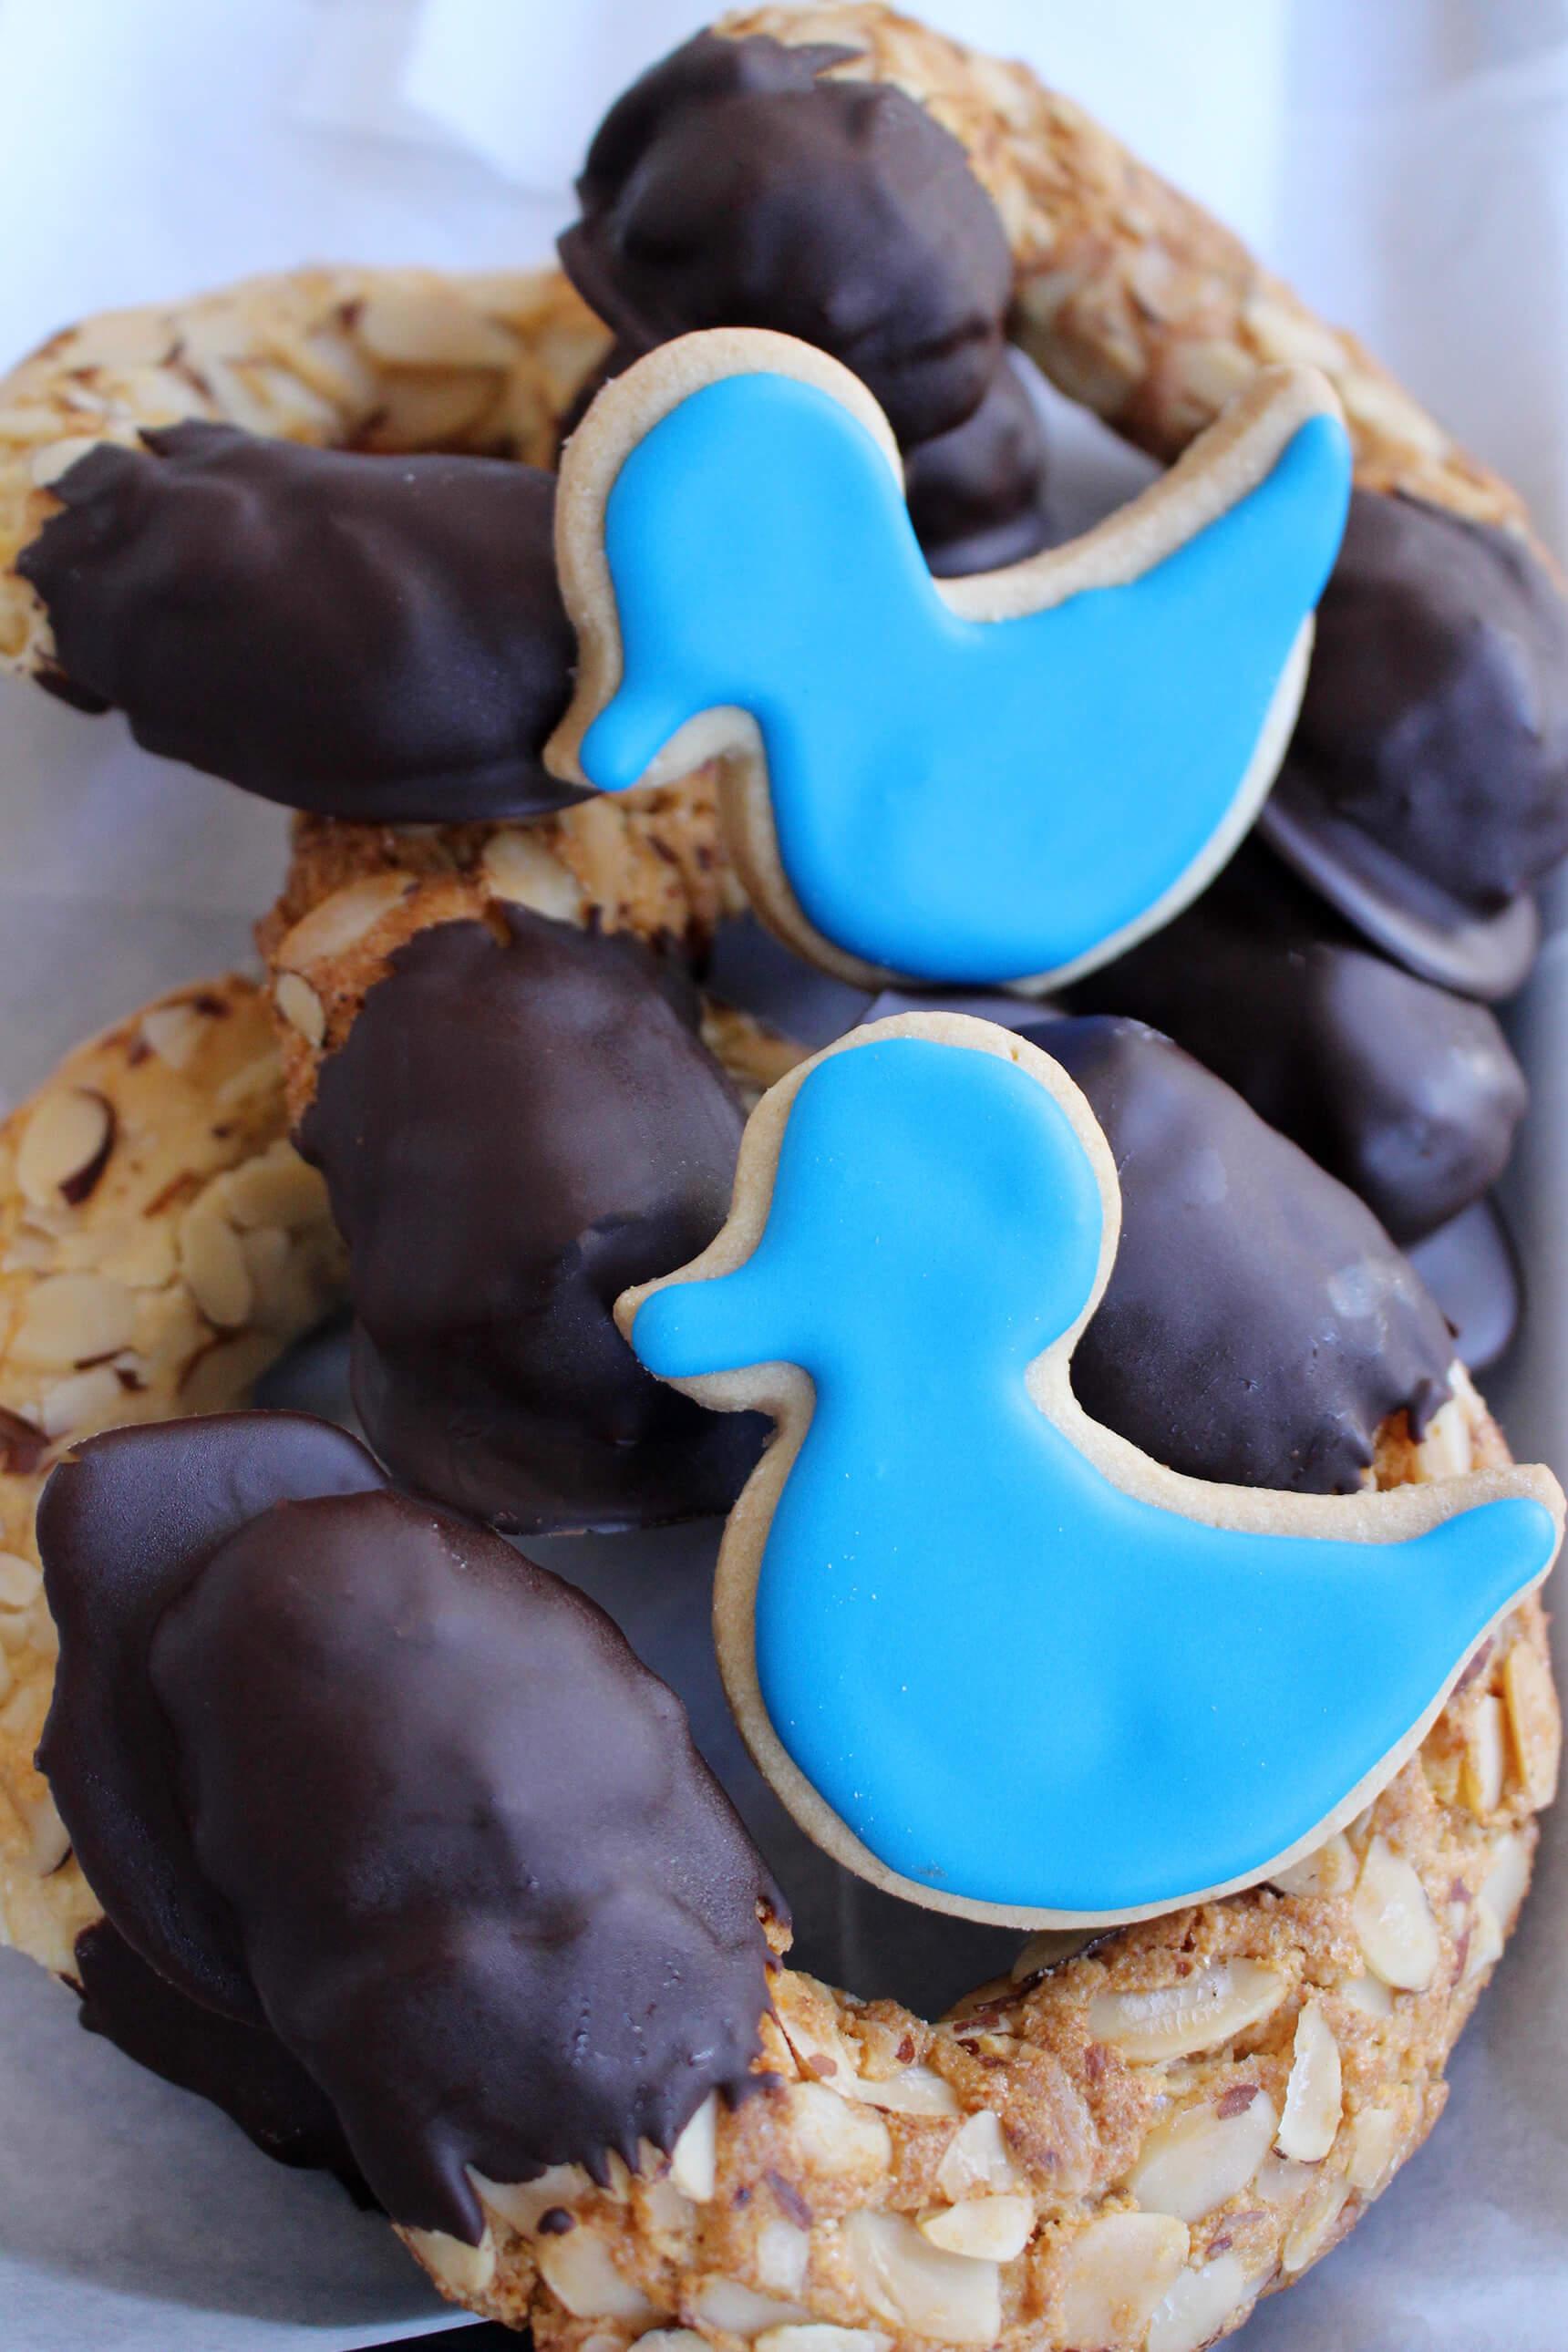 Blue Duck Bakery